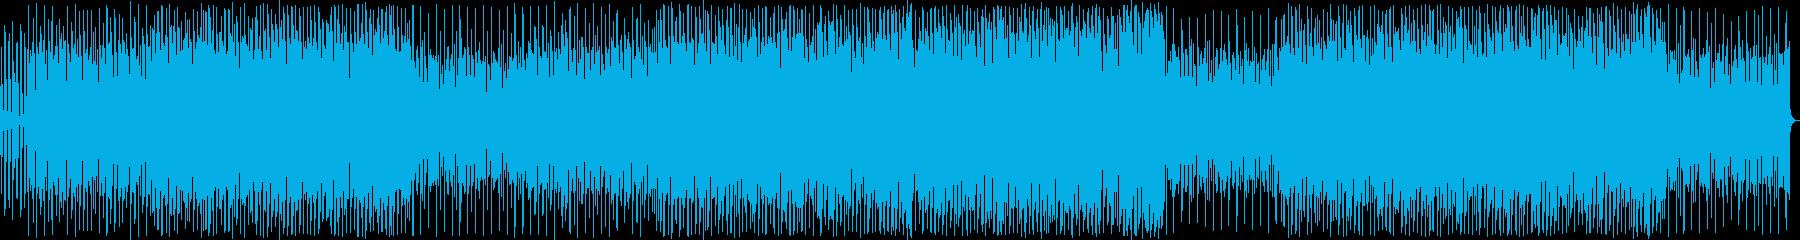 バイオリンの旋律が印象的なハウストラックの再生済みの波形